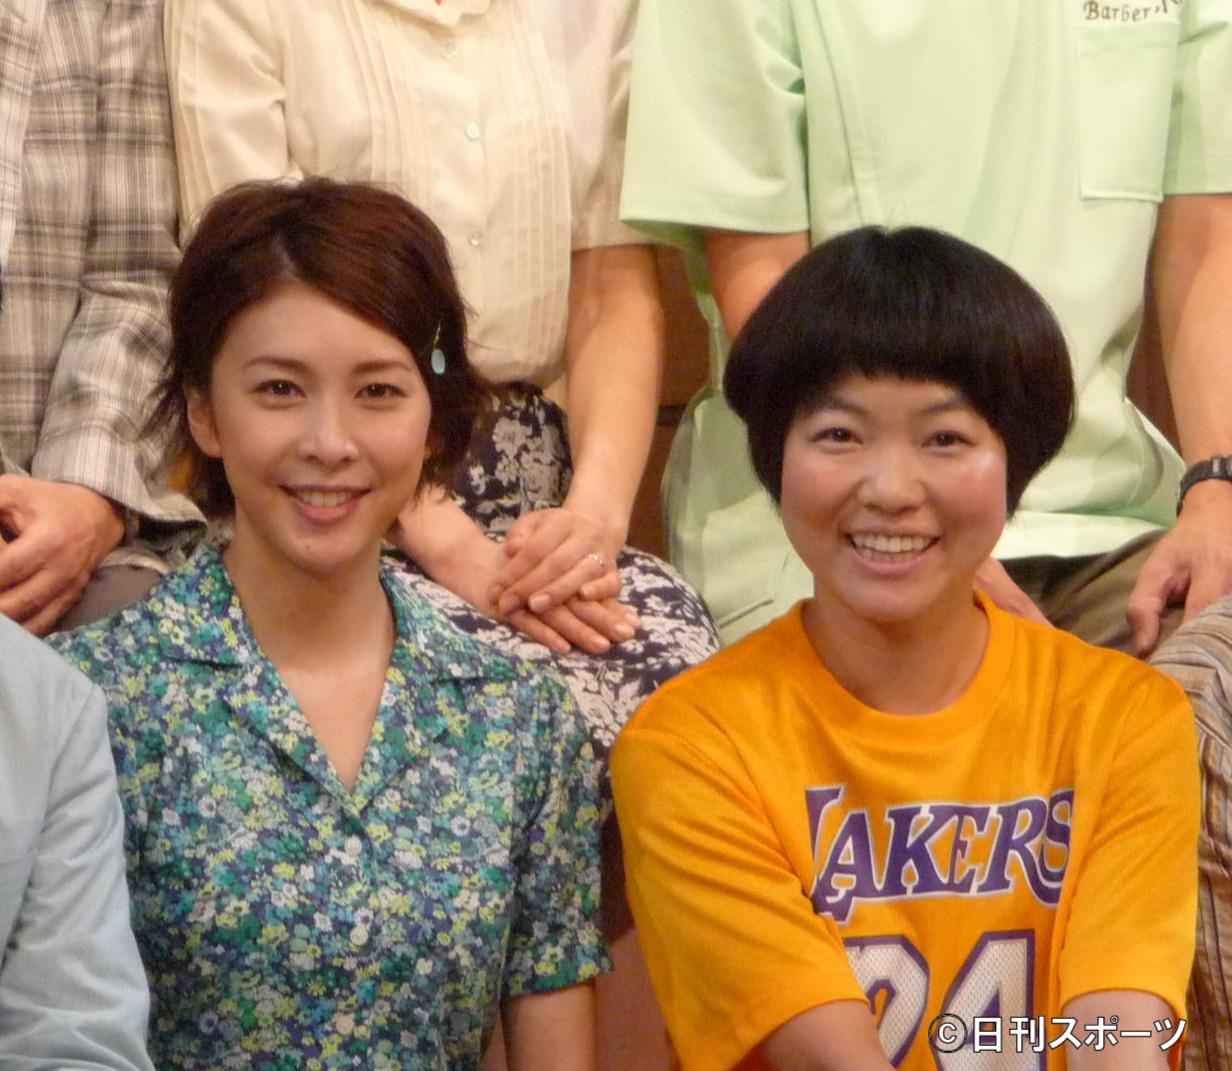 舞台「君となら」公開稽古に臨んだ、竹内結子さんとイモトアヤコ(2014年8月8日撮影)